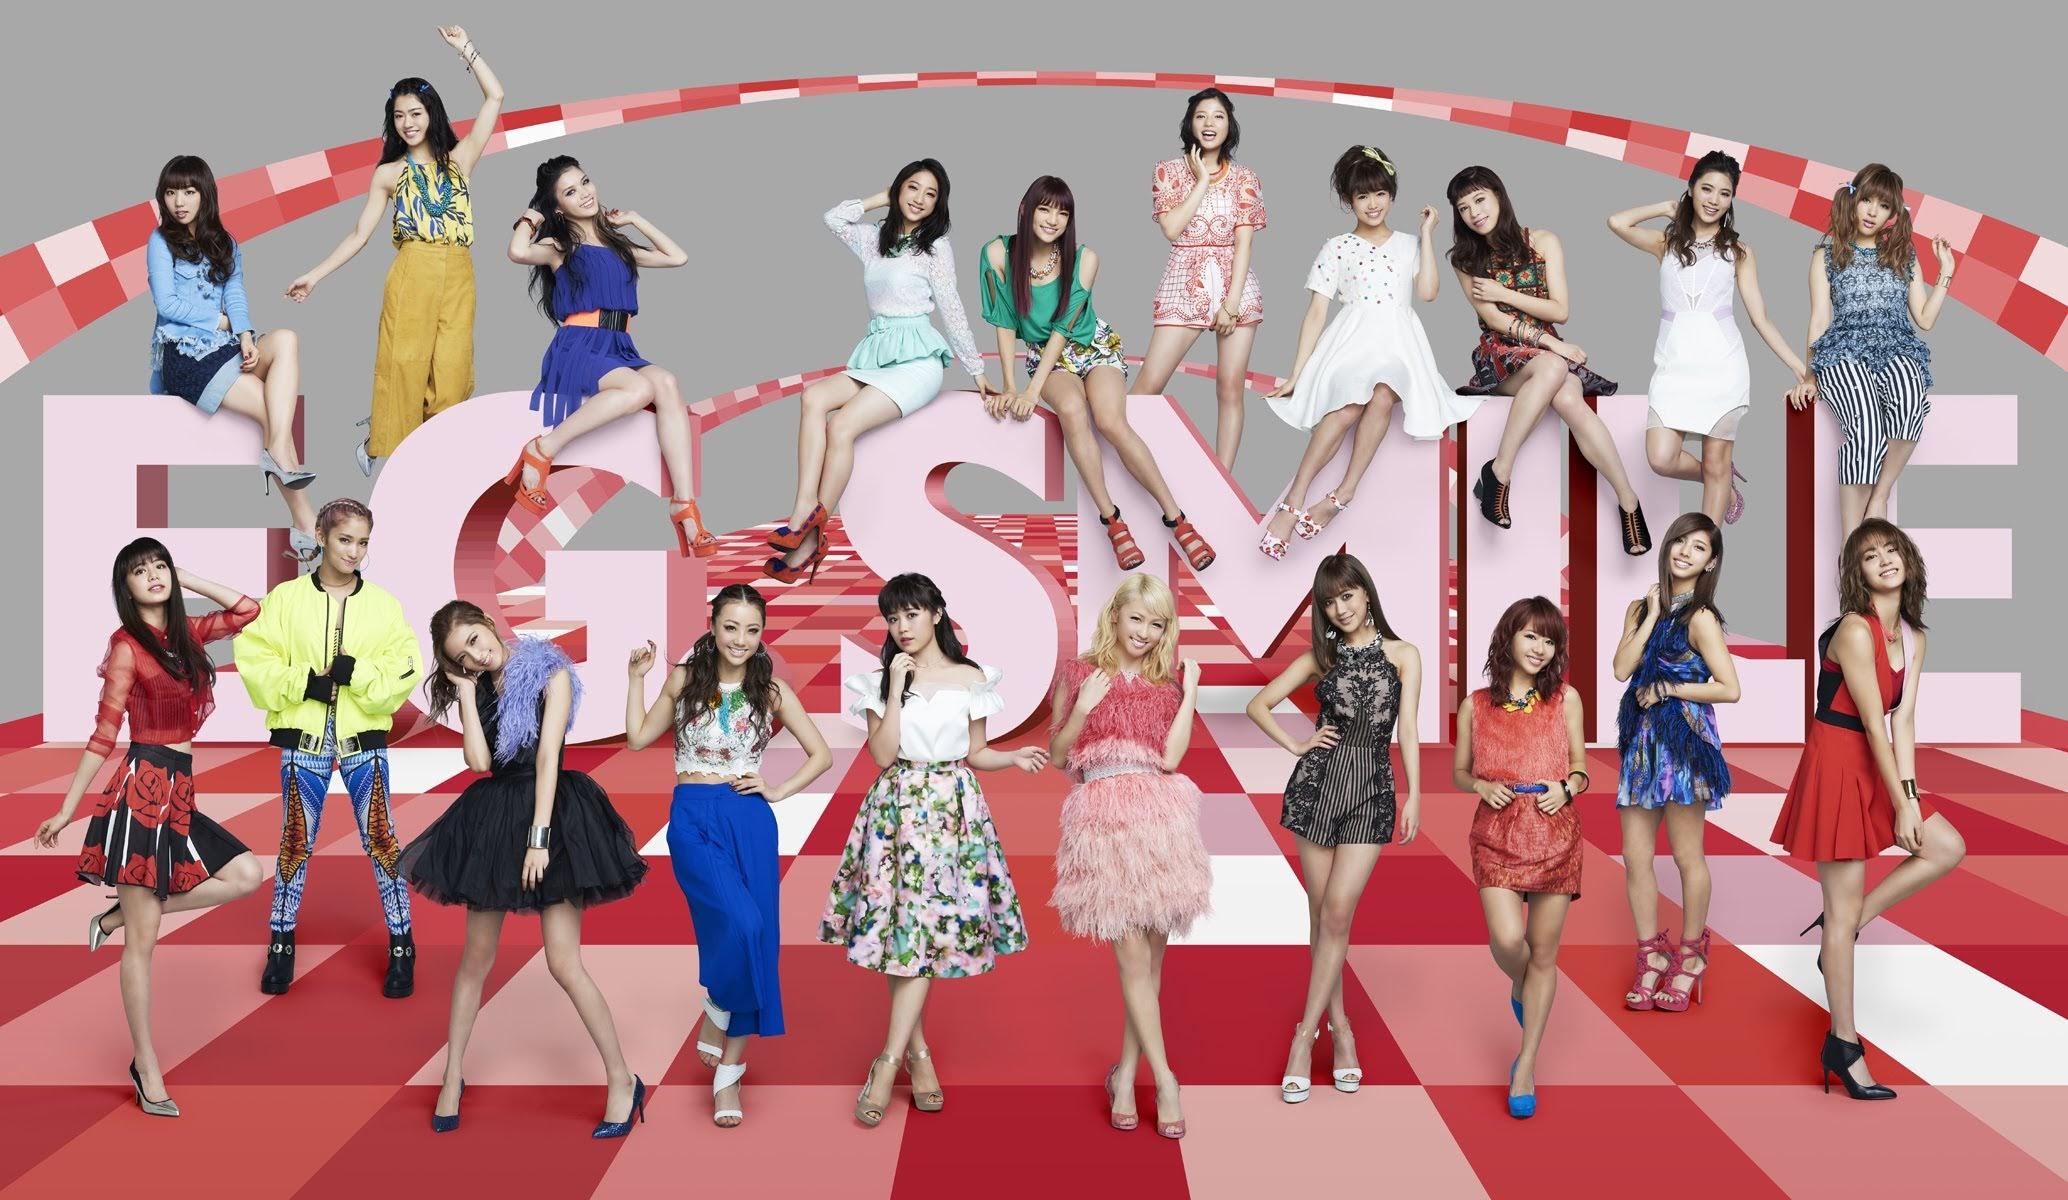 """Imagem promocional do álbum """"E.G. SMILE"""", com a formação de 20 integrantes. Também, é o álbum que contém a faixa """"DANCE WITH ME NOW""""."""